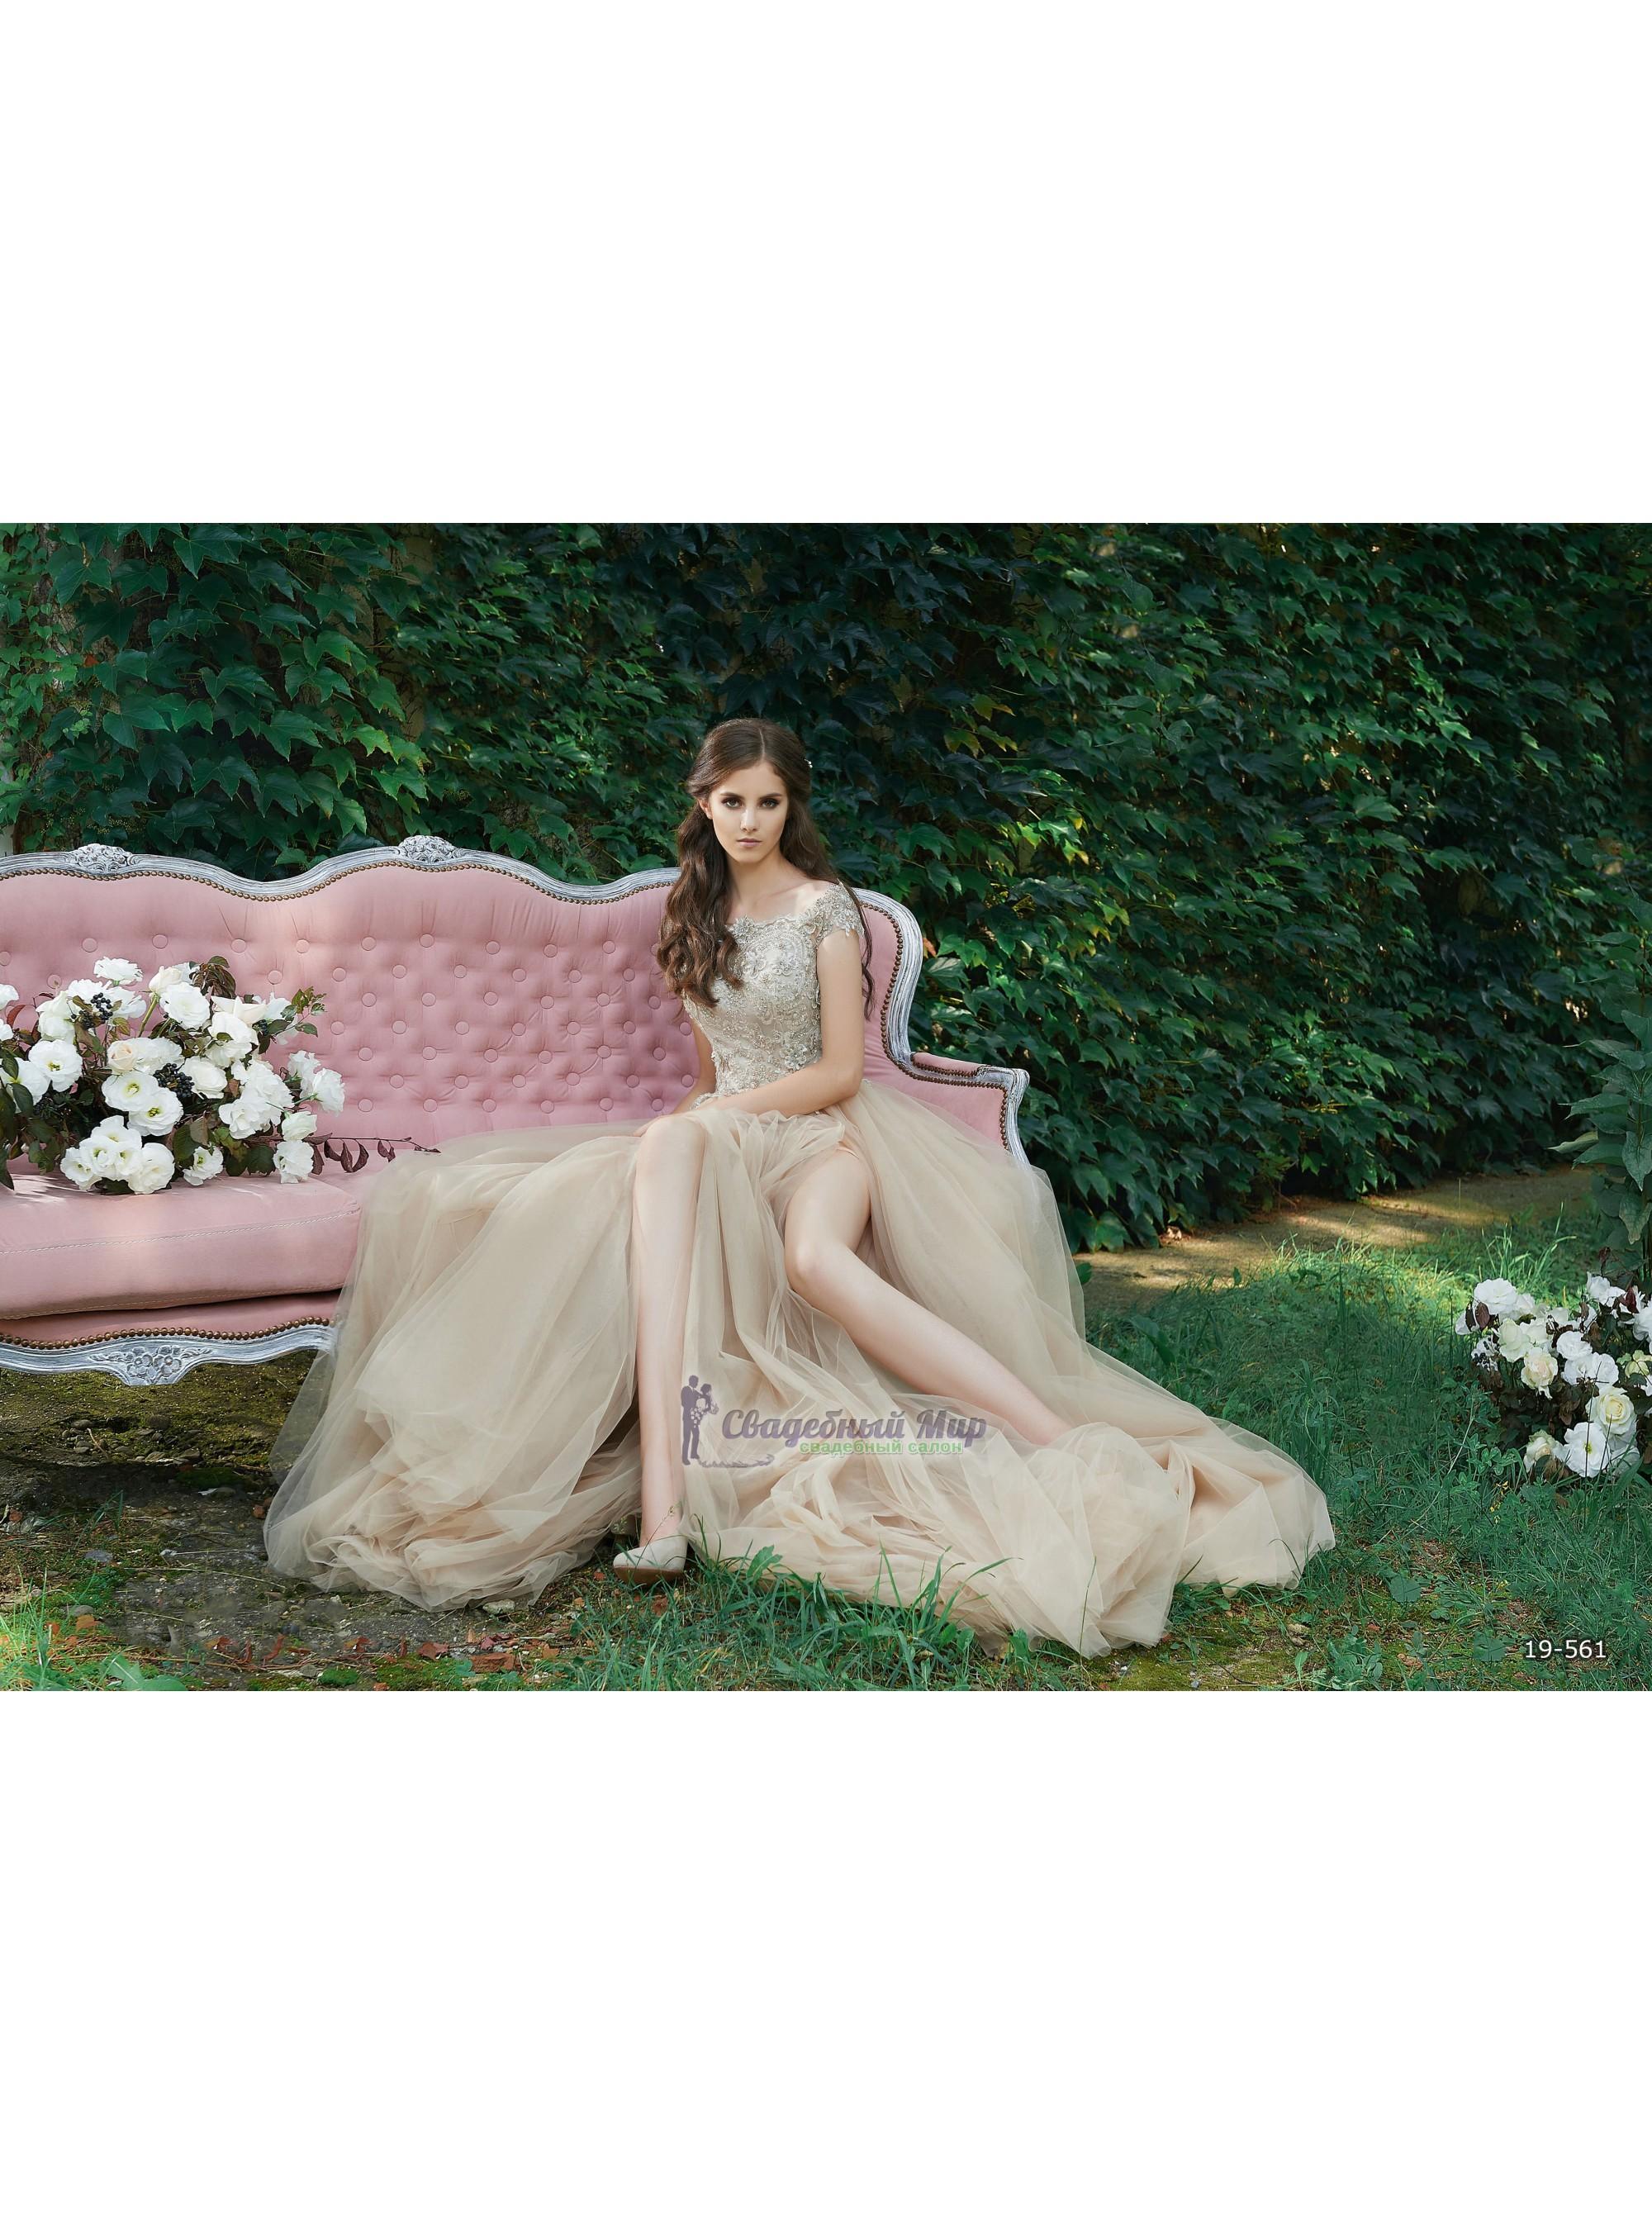 Вечернее платье 19-561